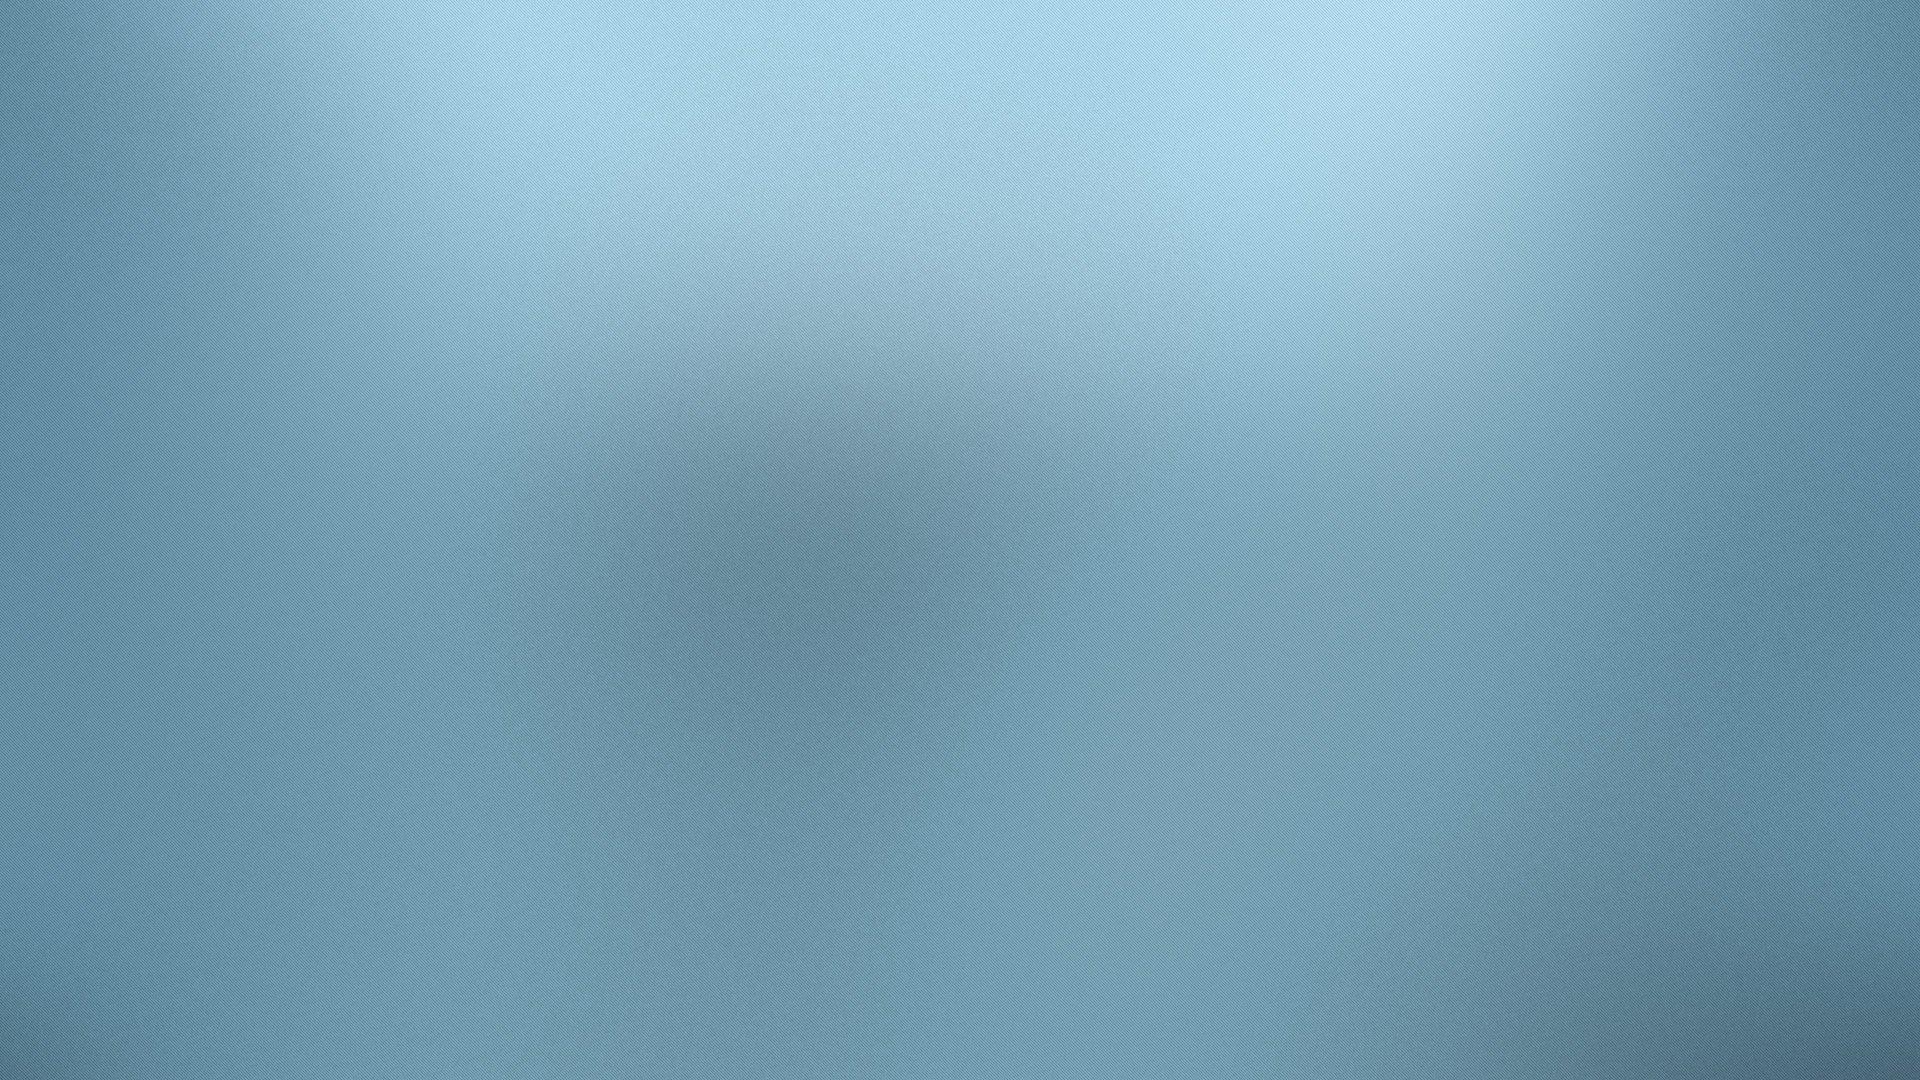 blue gray wallpaper - wallpapersafari